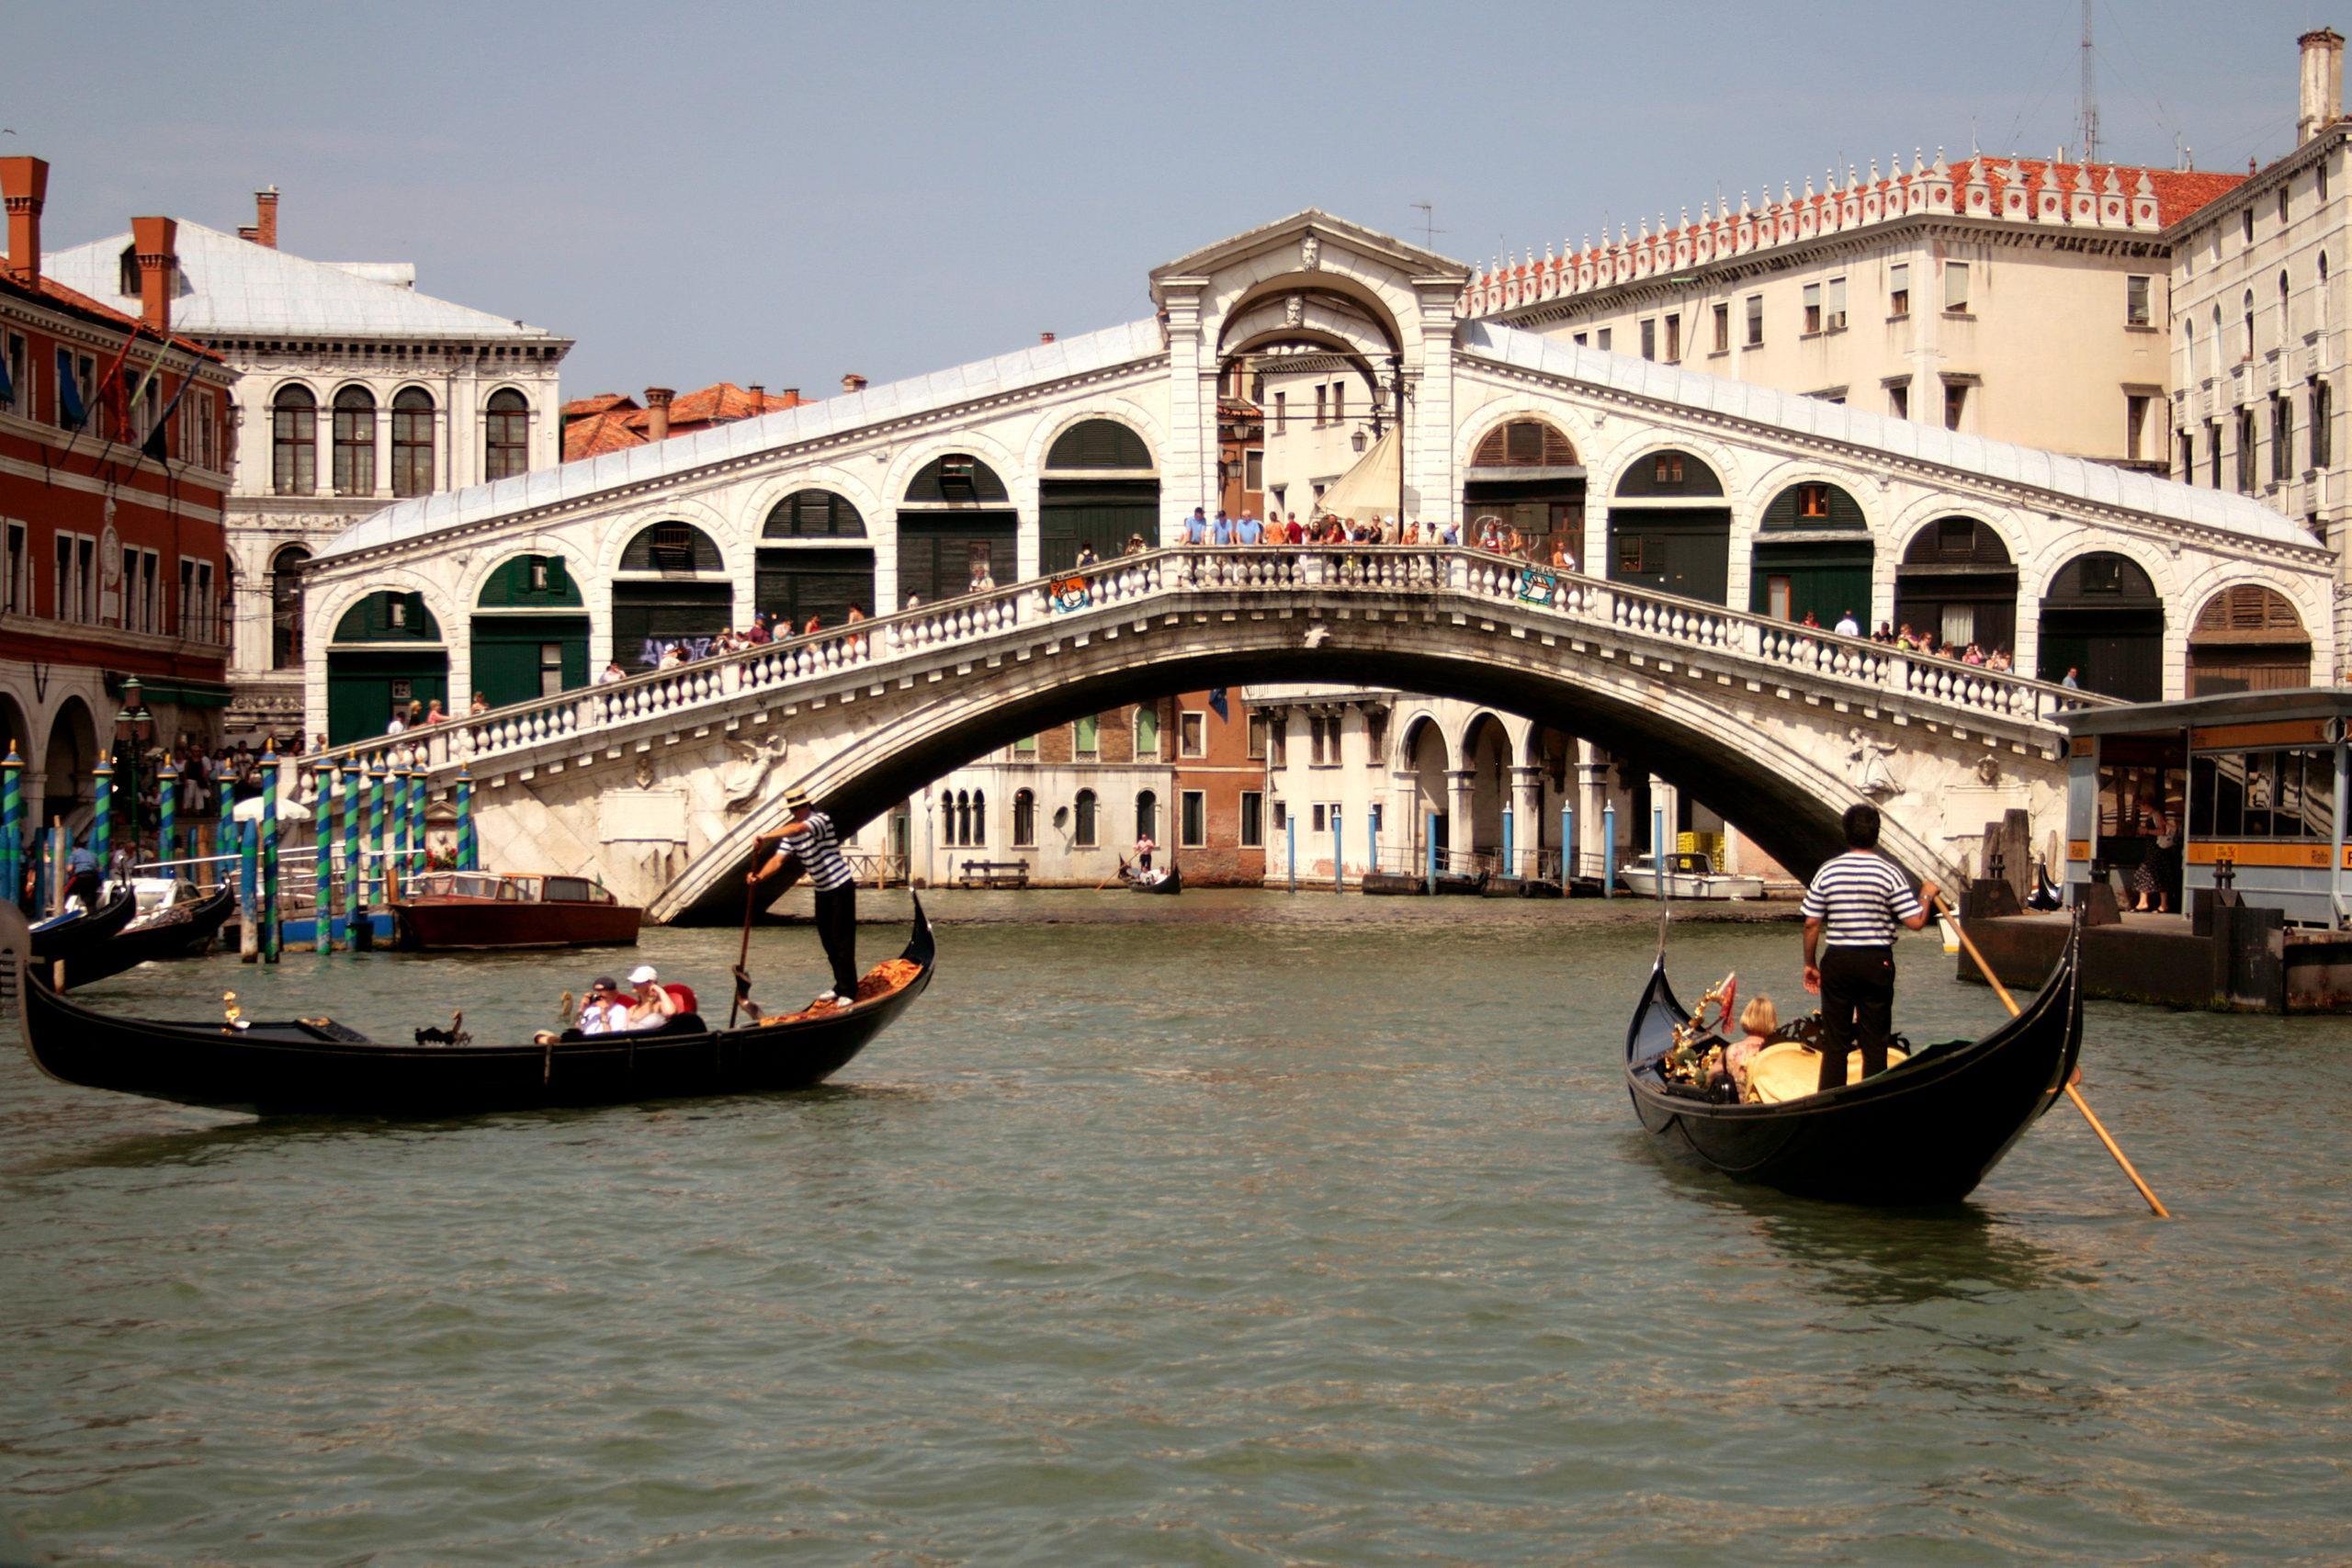 Картинки достопримечательностей венеции